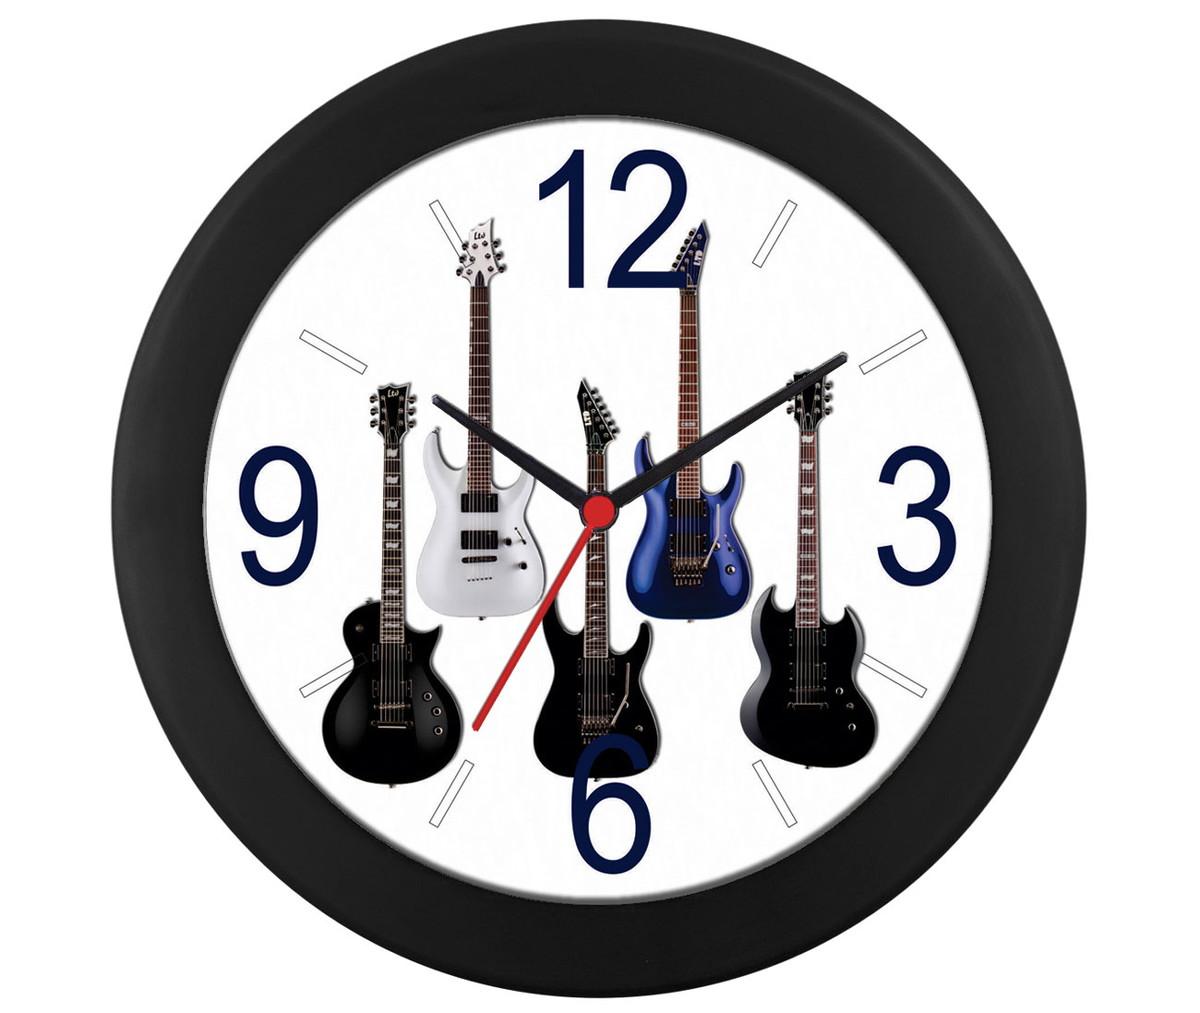 d0140f5b753 Relógio parede guitarra no Elo7